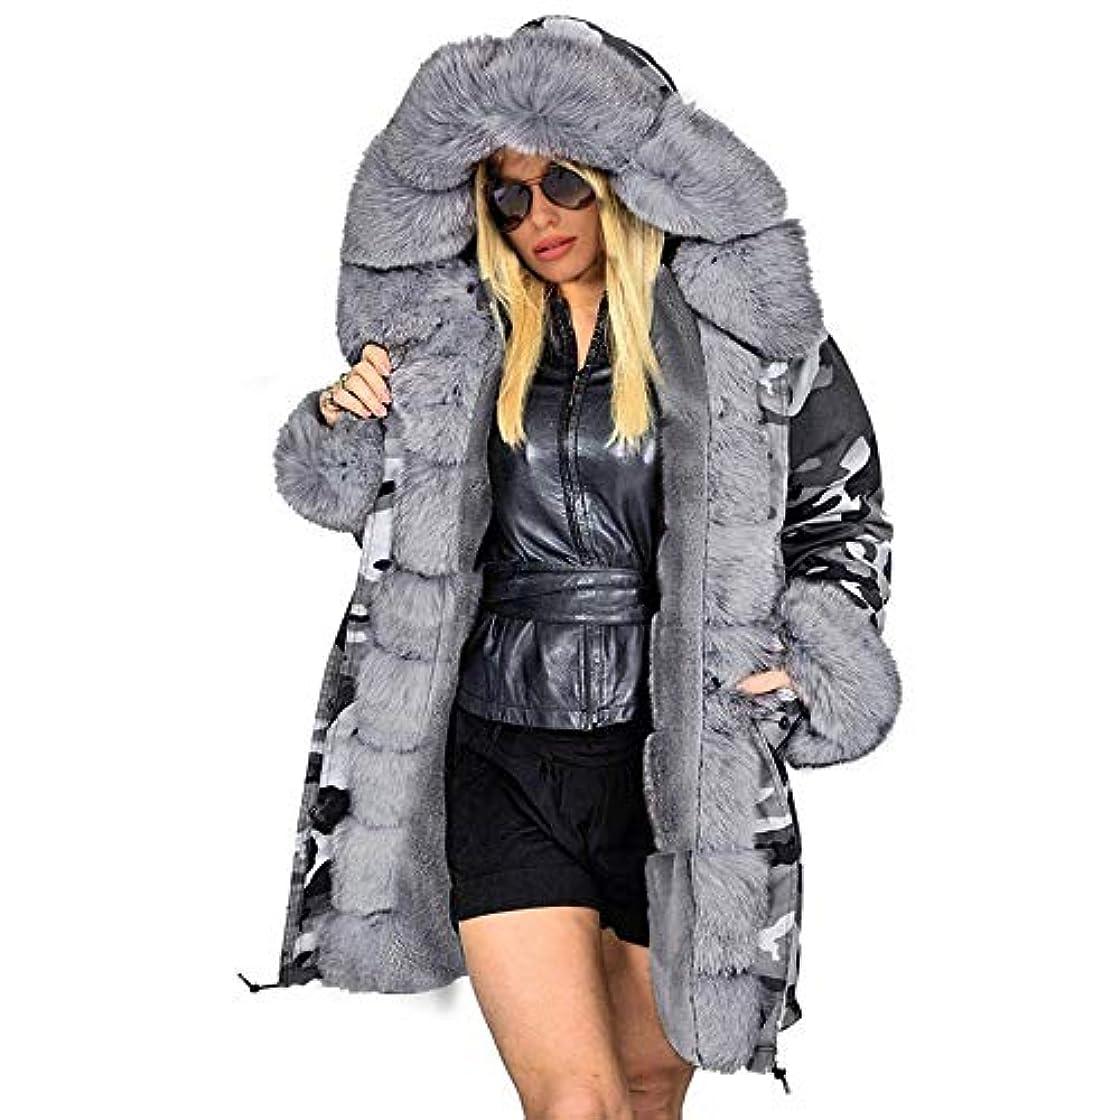 消防士ほのめかす北ファッションコートウィンタージャケット女性フードパーカーロングウォームコットンジャケットアウターウェア女性ウィンターコートプラスサイズ,XXXL